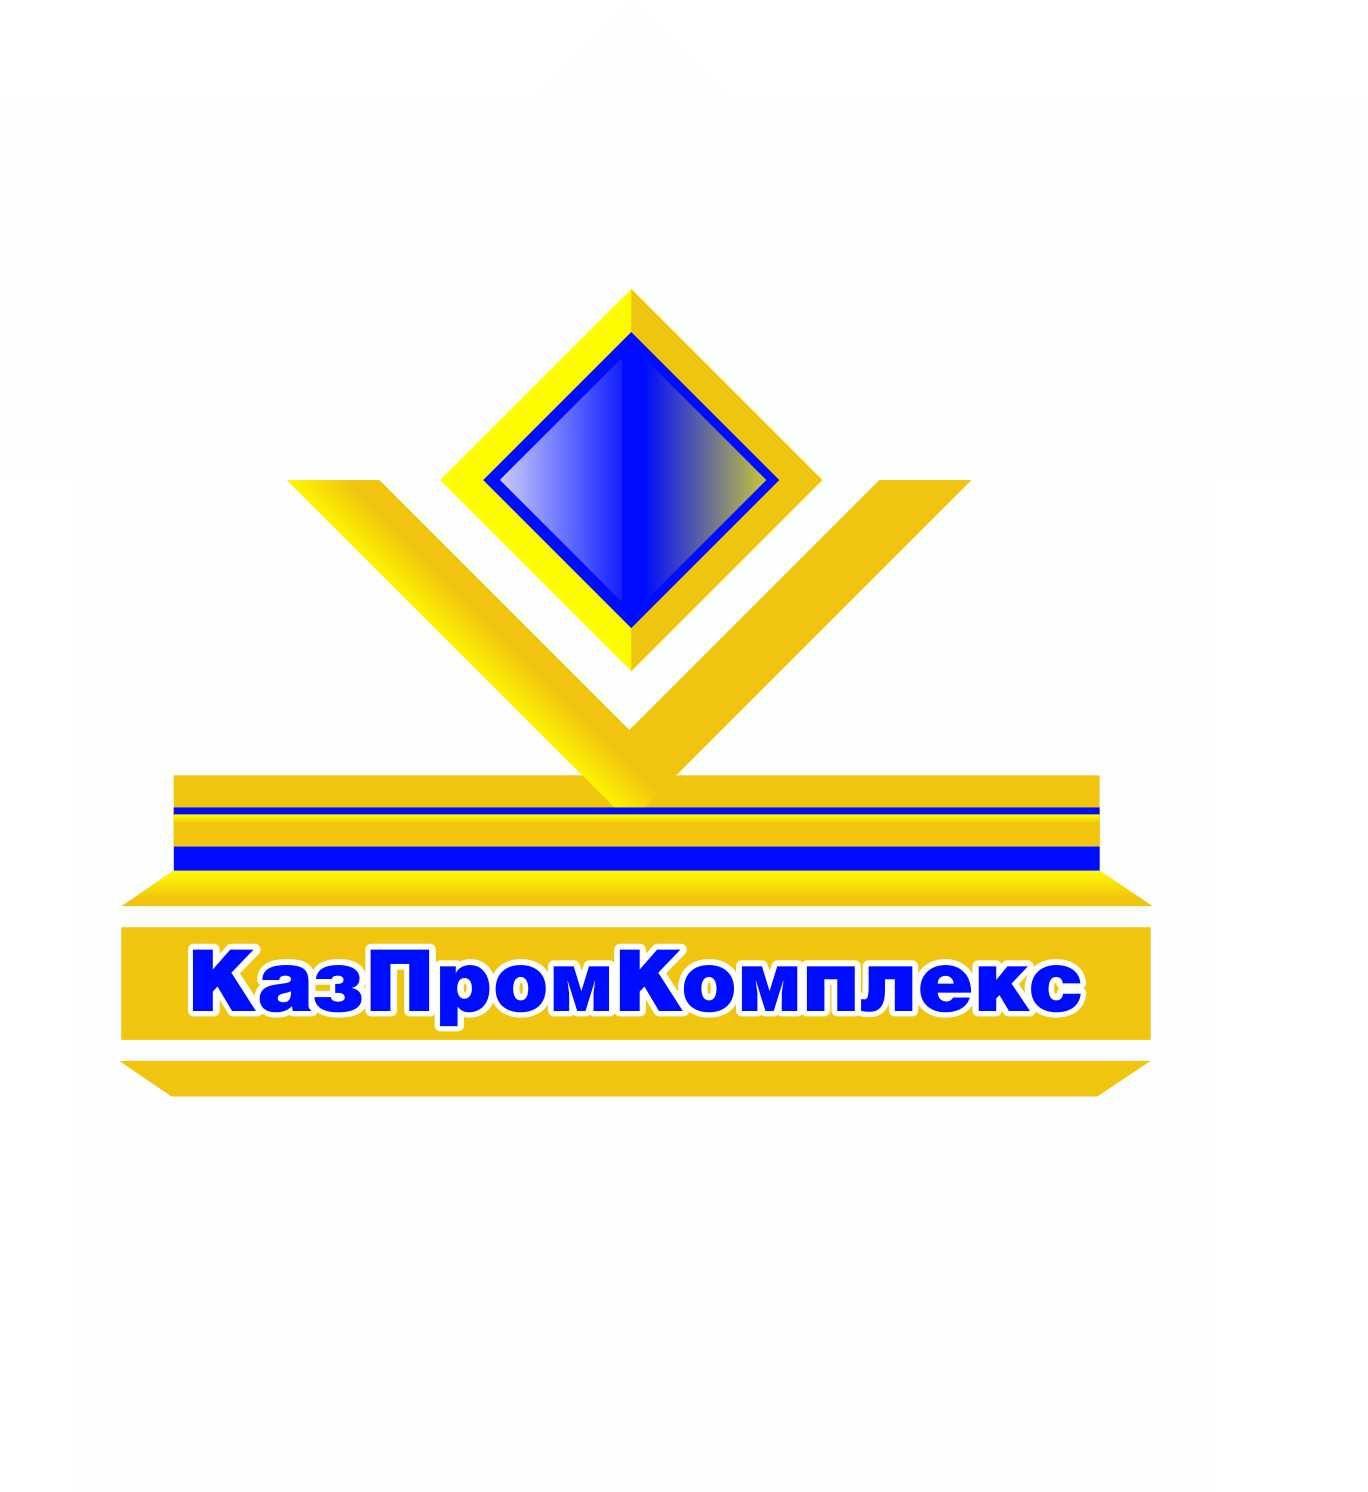 Редизайн логотипа, создание фирменного стиля - дизайнер kibersample